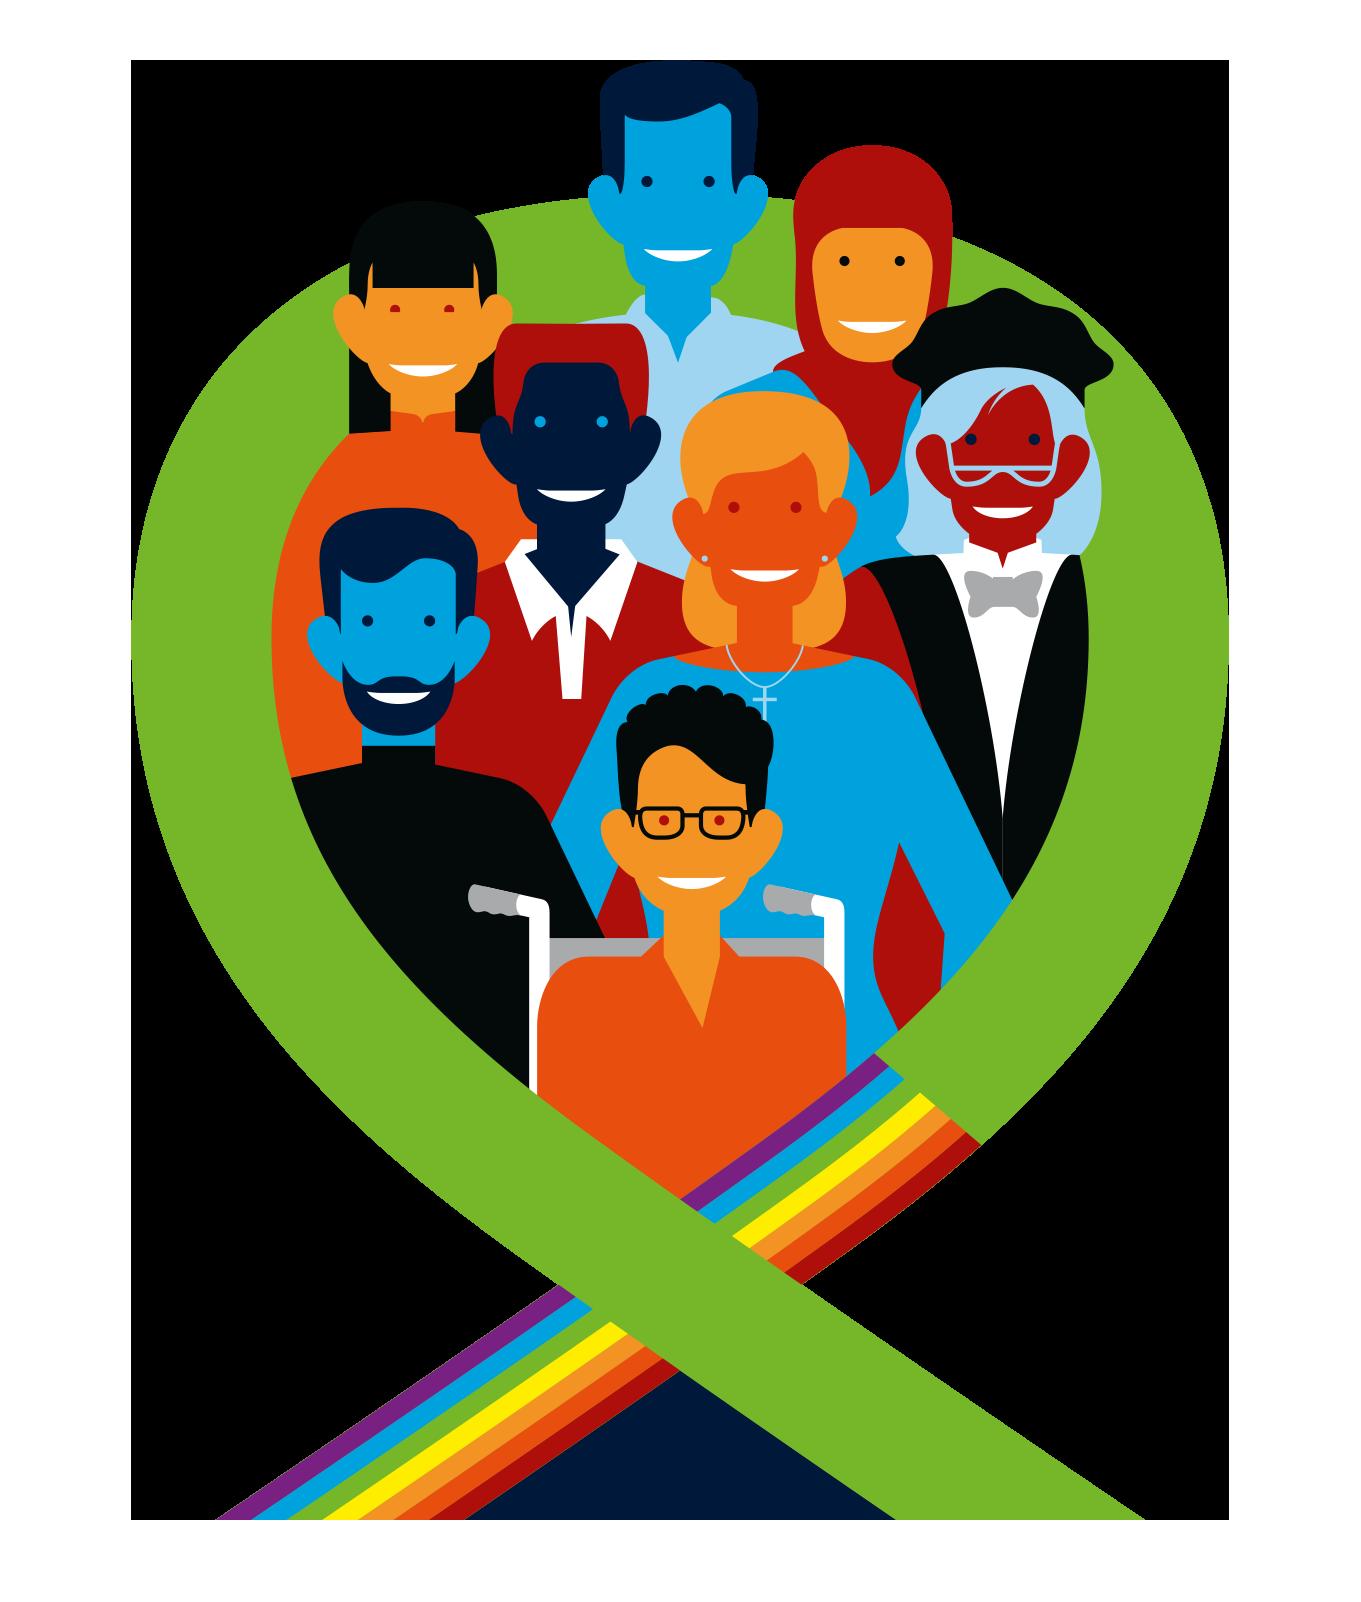 UM_Diversity-Inclusiveness